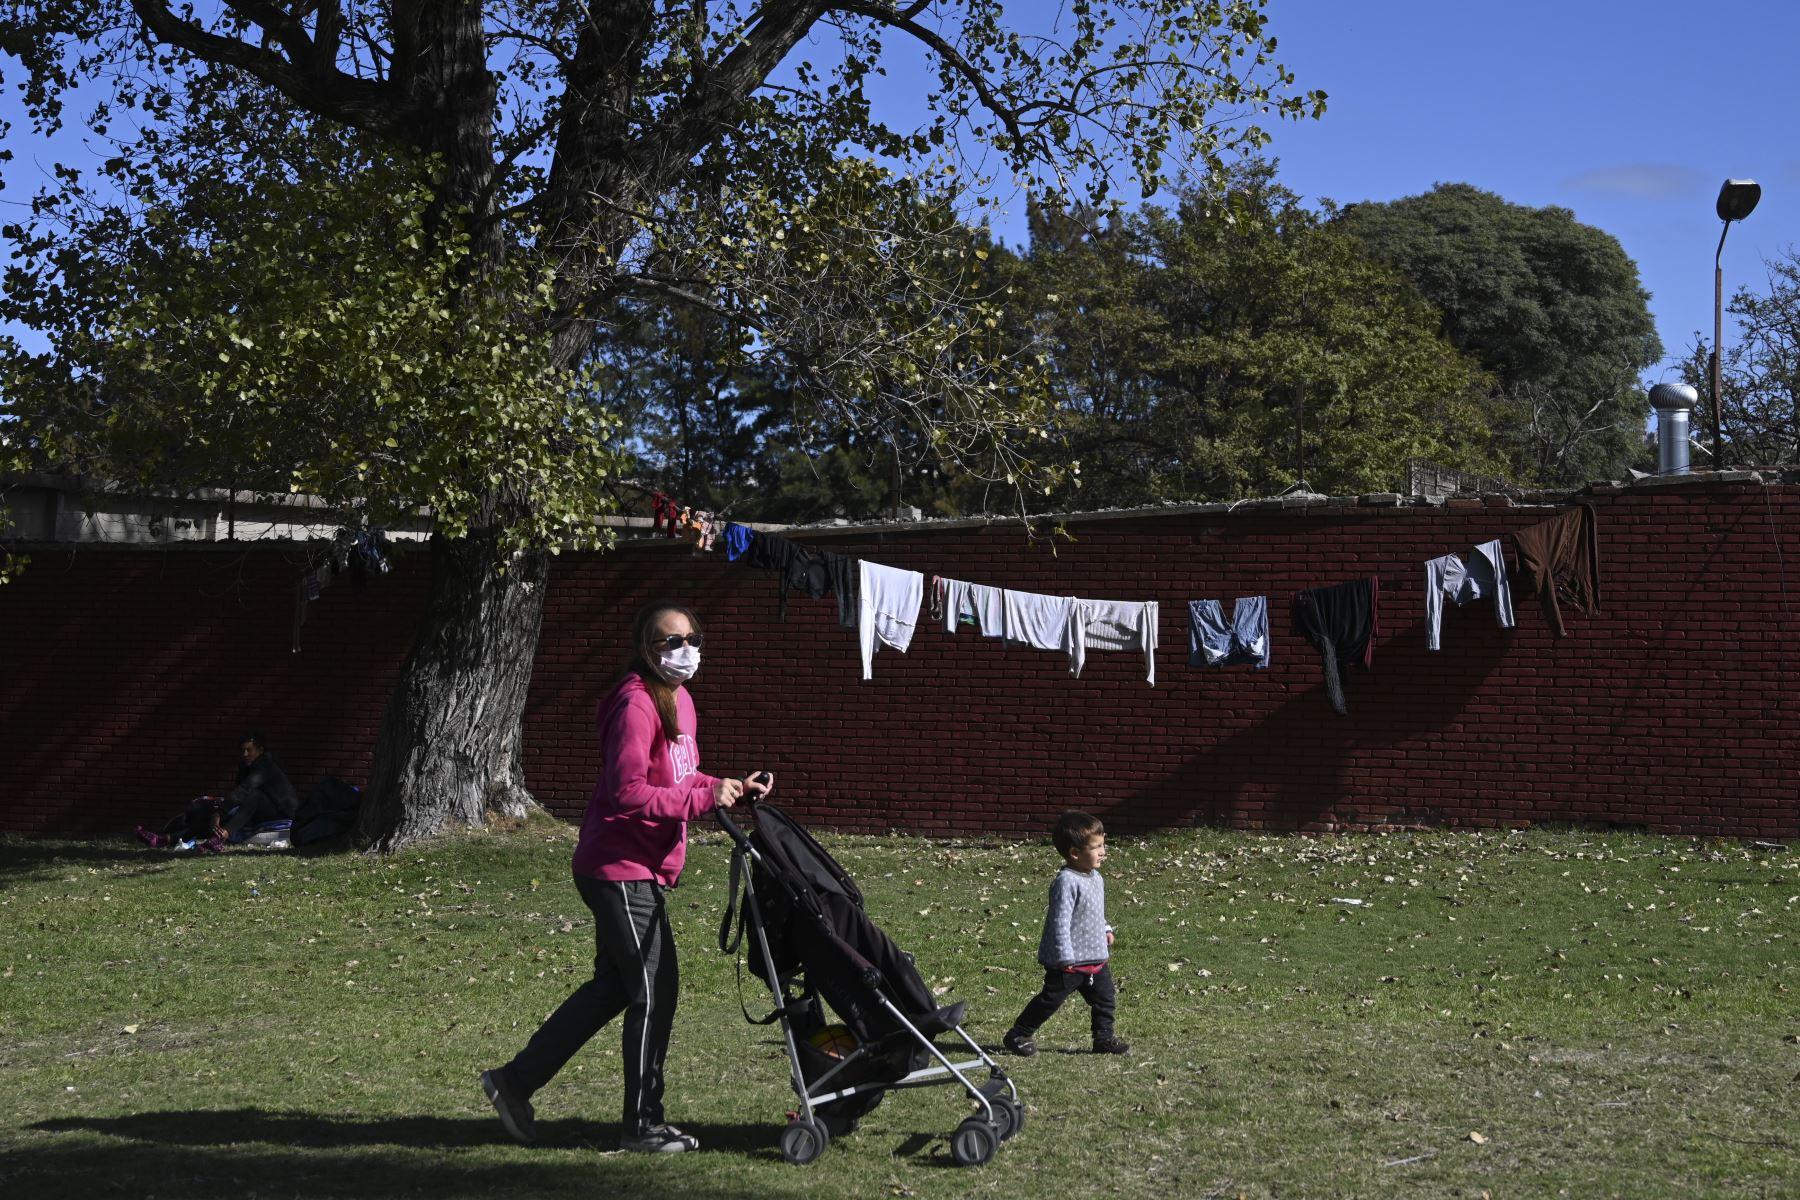 Una mujer usa una máscara facial mientras camina con su hijo en un parque en Montevideo. Foto: AFP